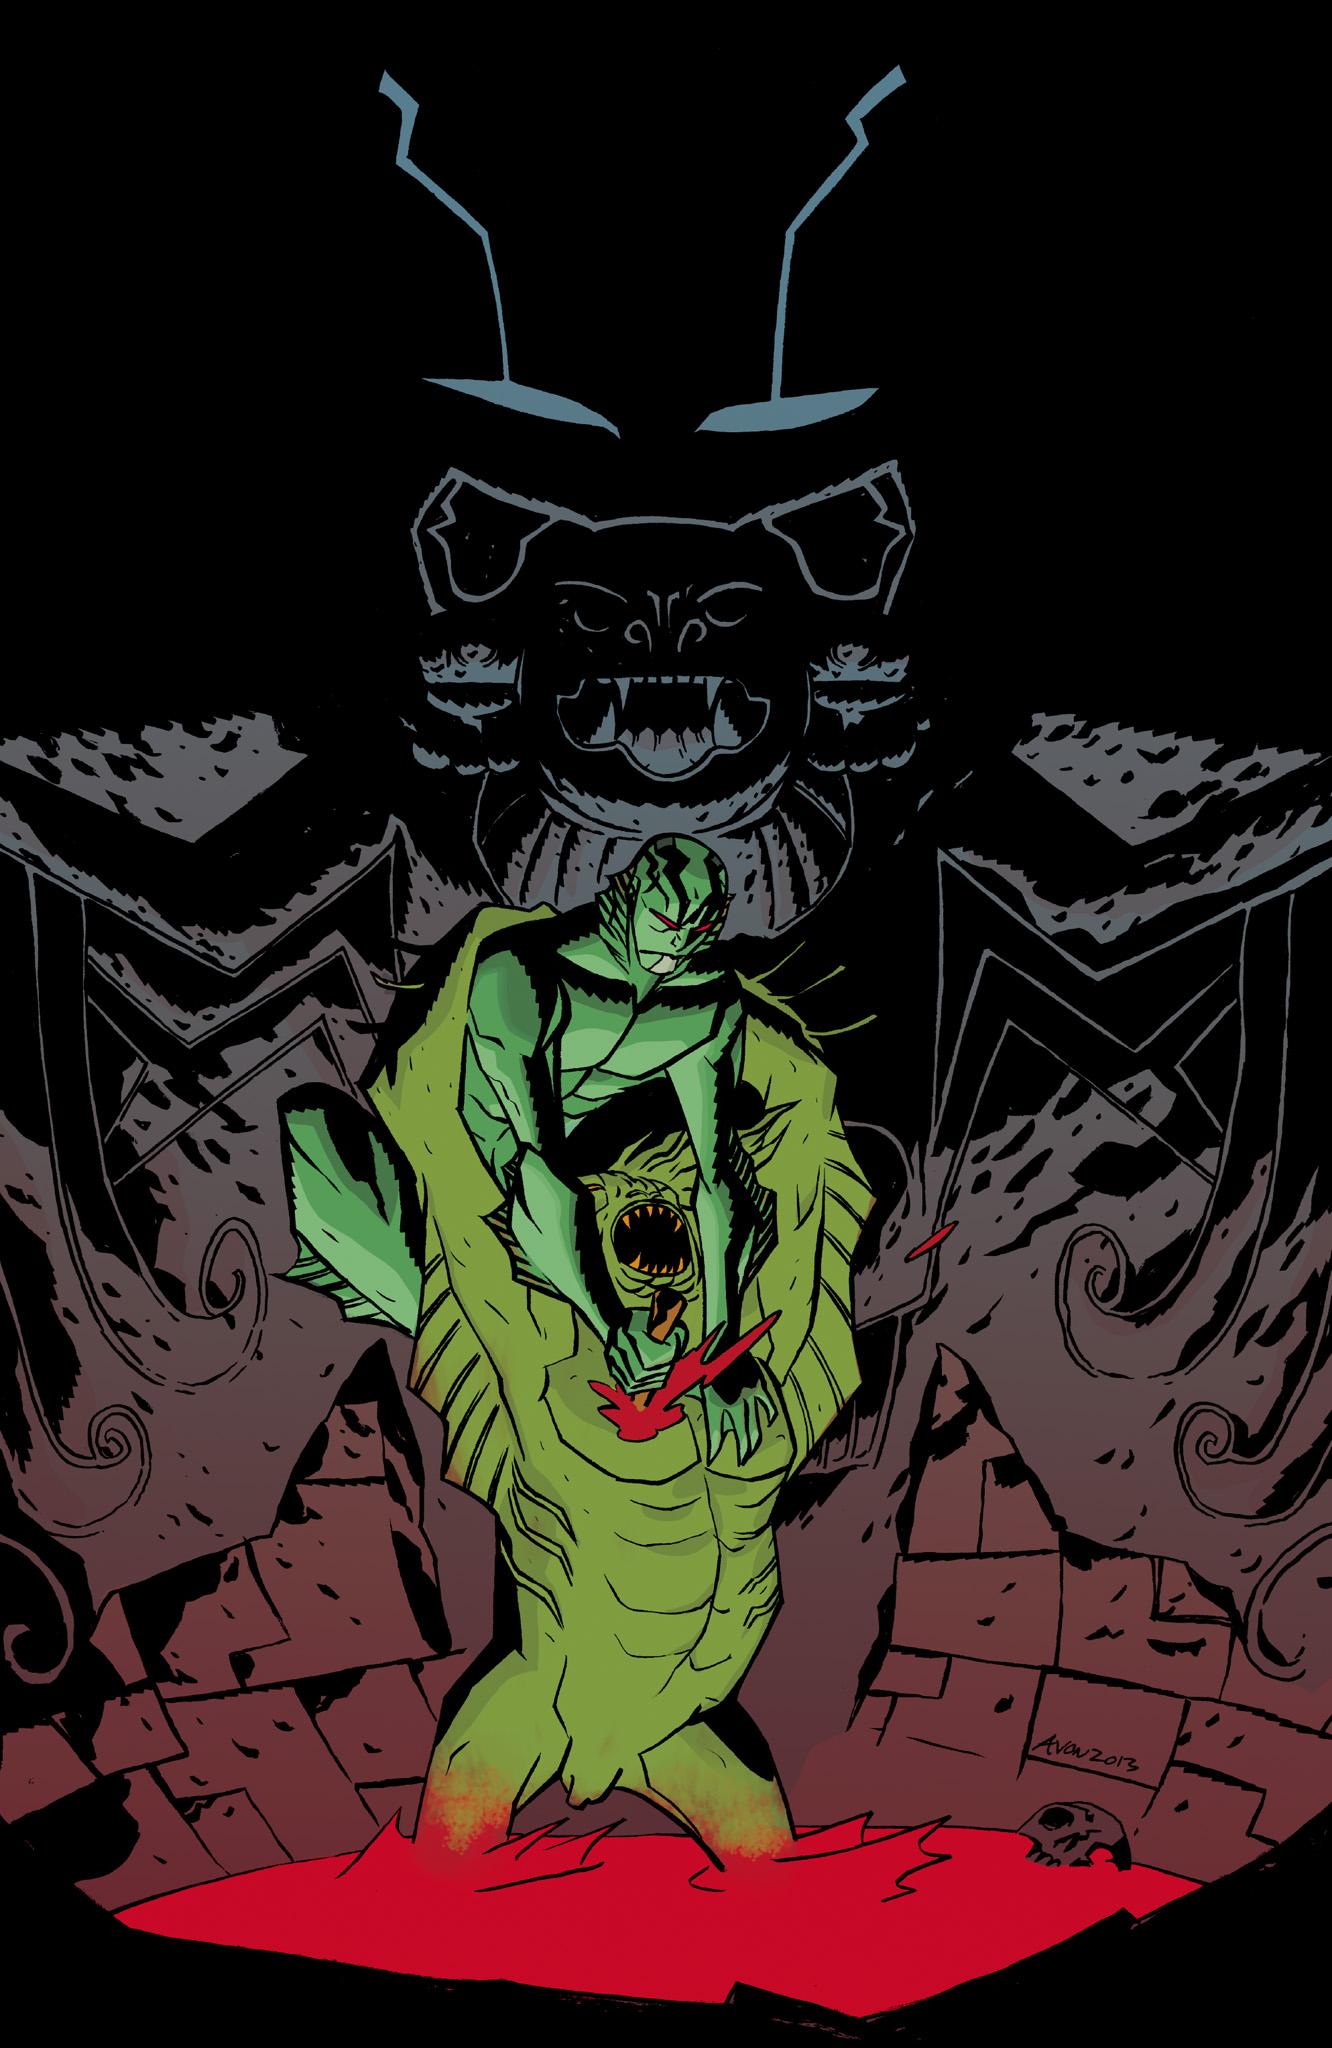 Read online Abe Sapien comic -  Issue #8 - 27